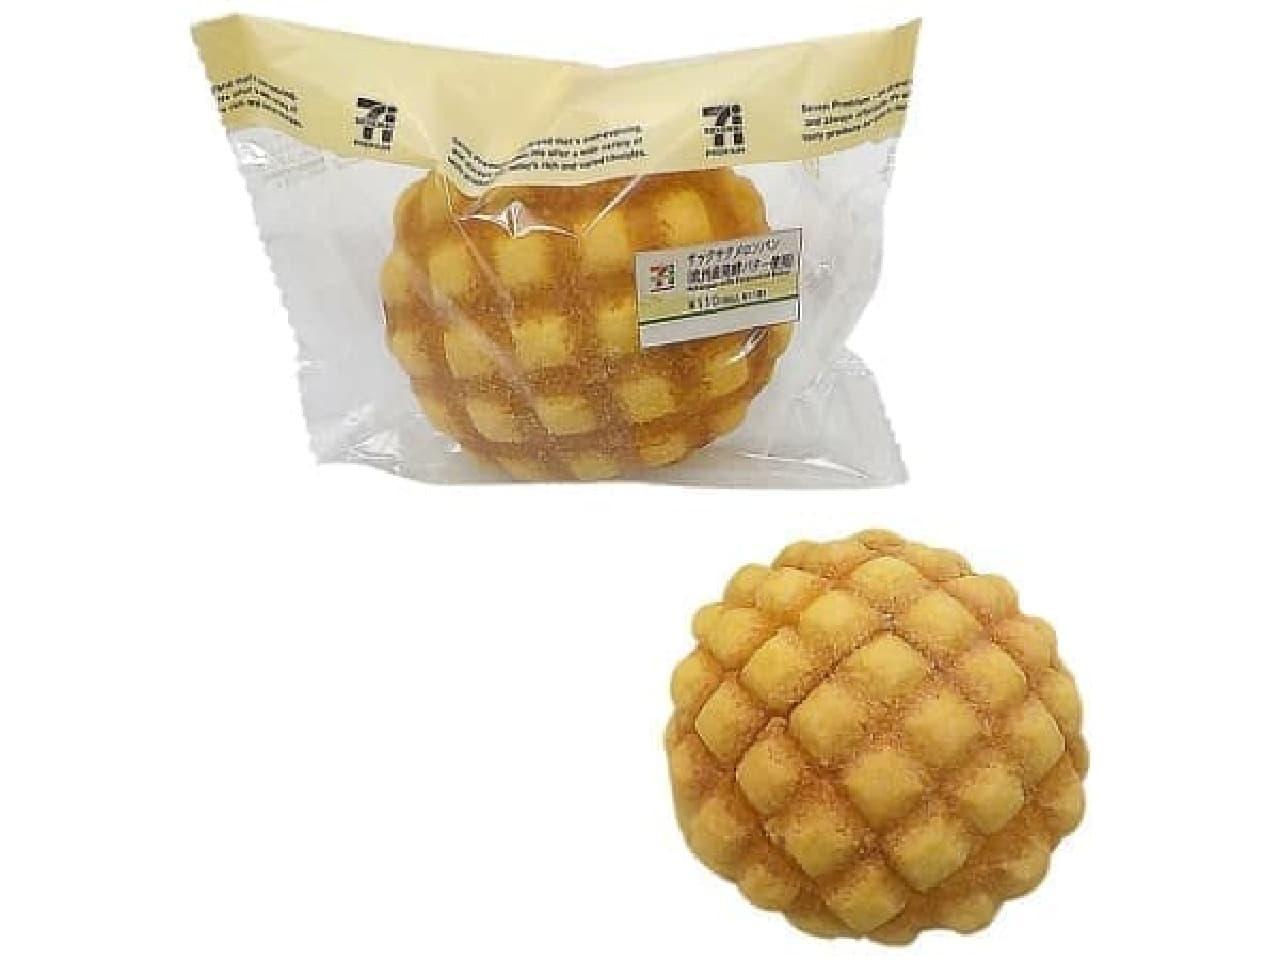 セブン-イレブン「サックサクメロンパン(欧州産発酵バター使用)」